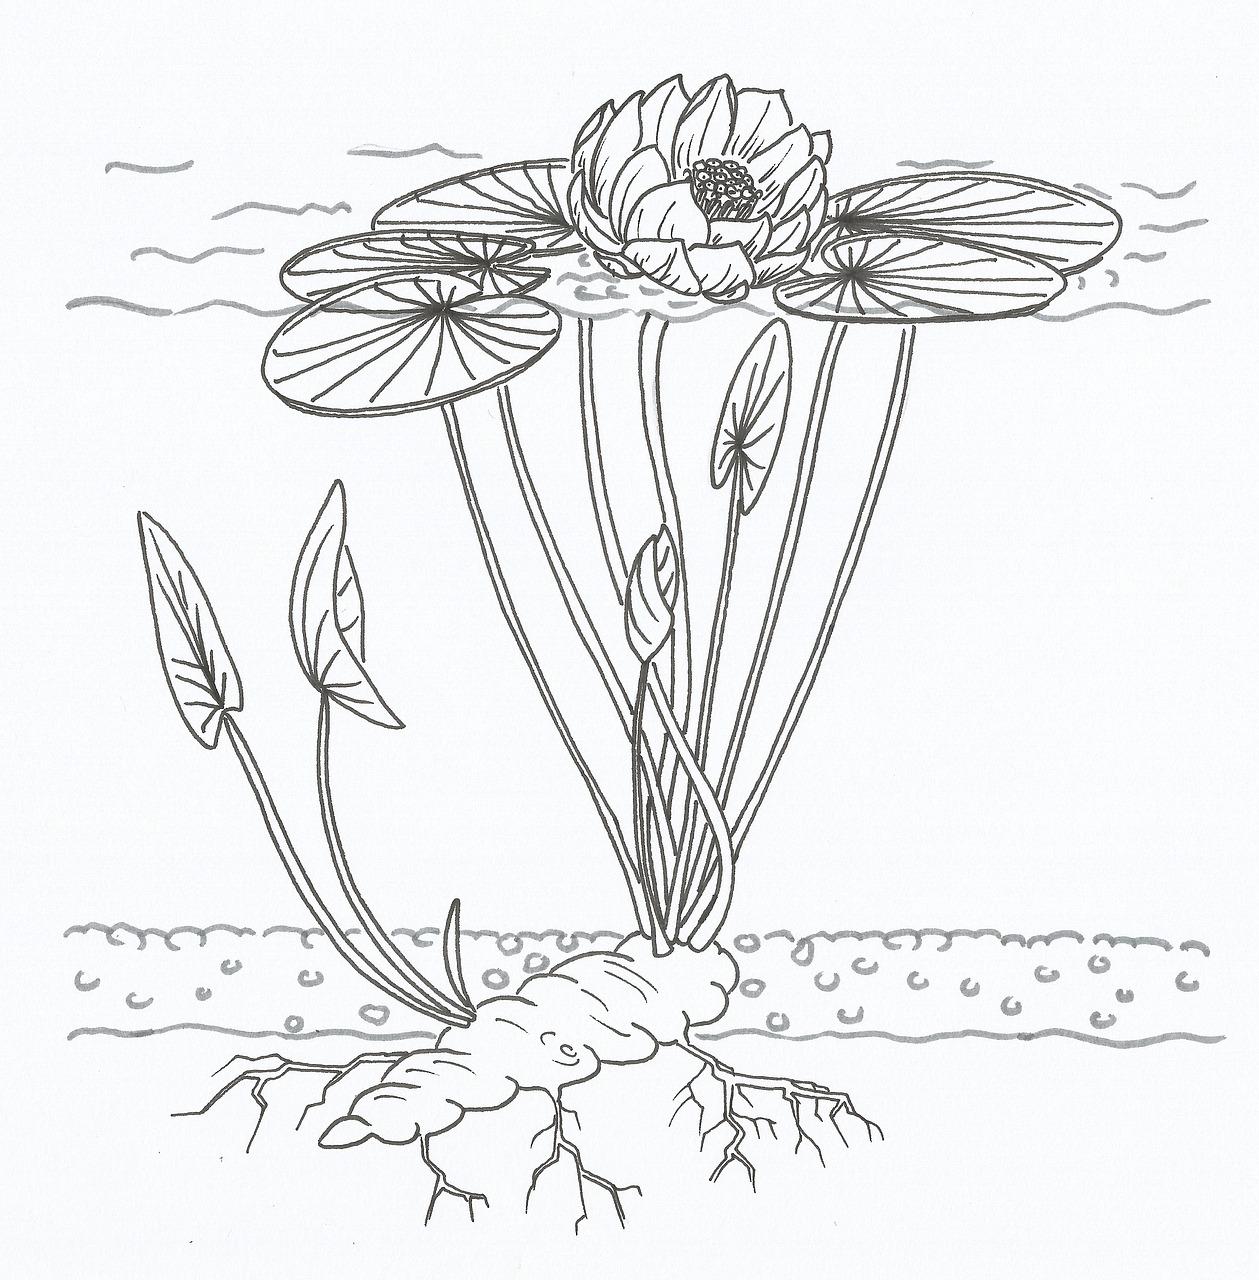 Lotus Diagram Water Lily - Free image on Pixabay